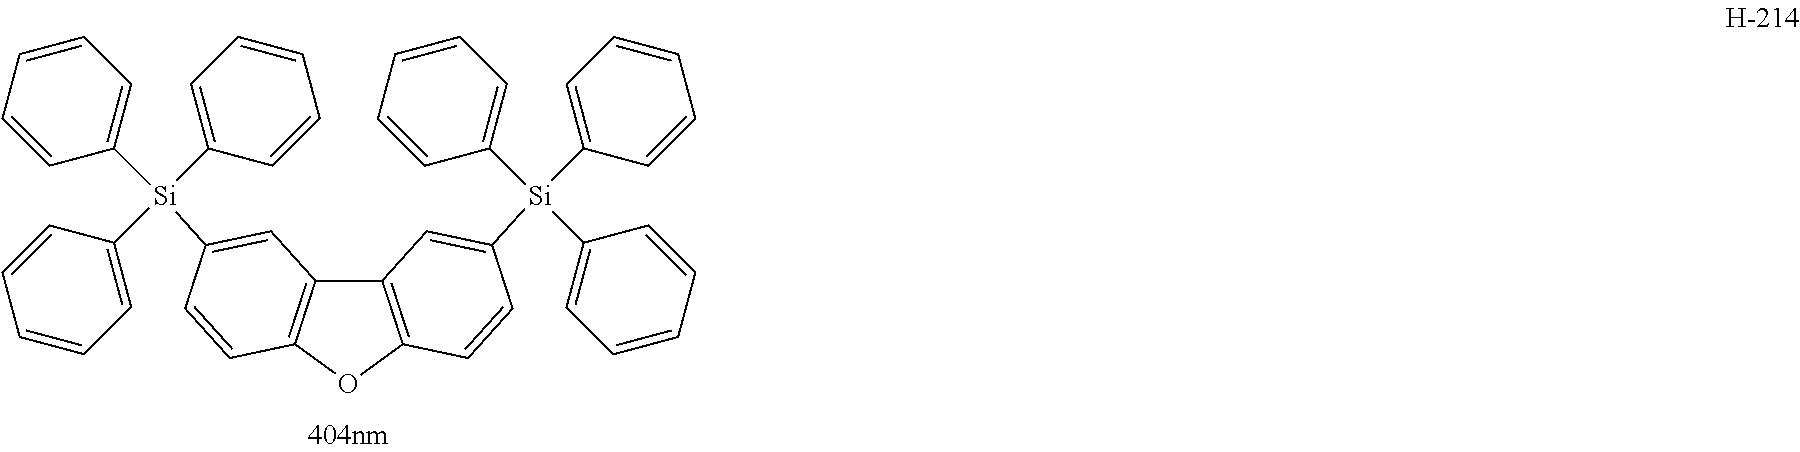 Figure US09935269-20180403-C00063